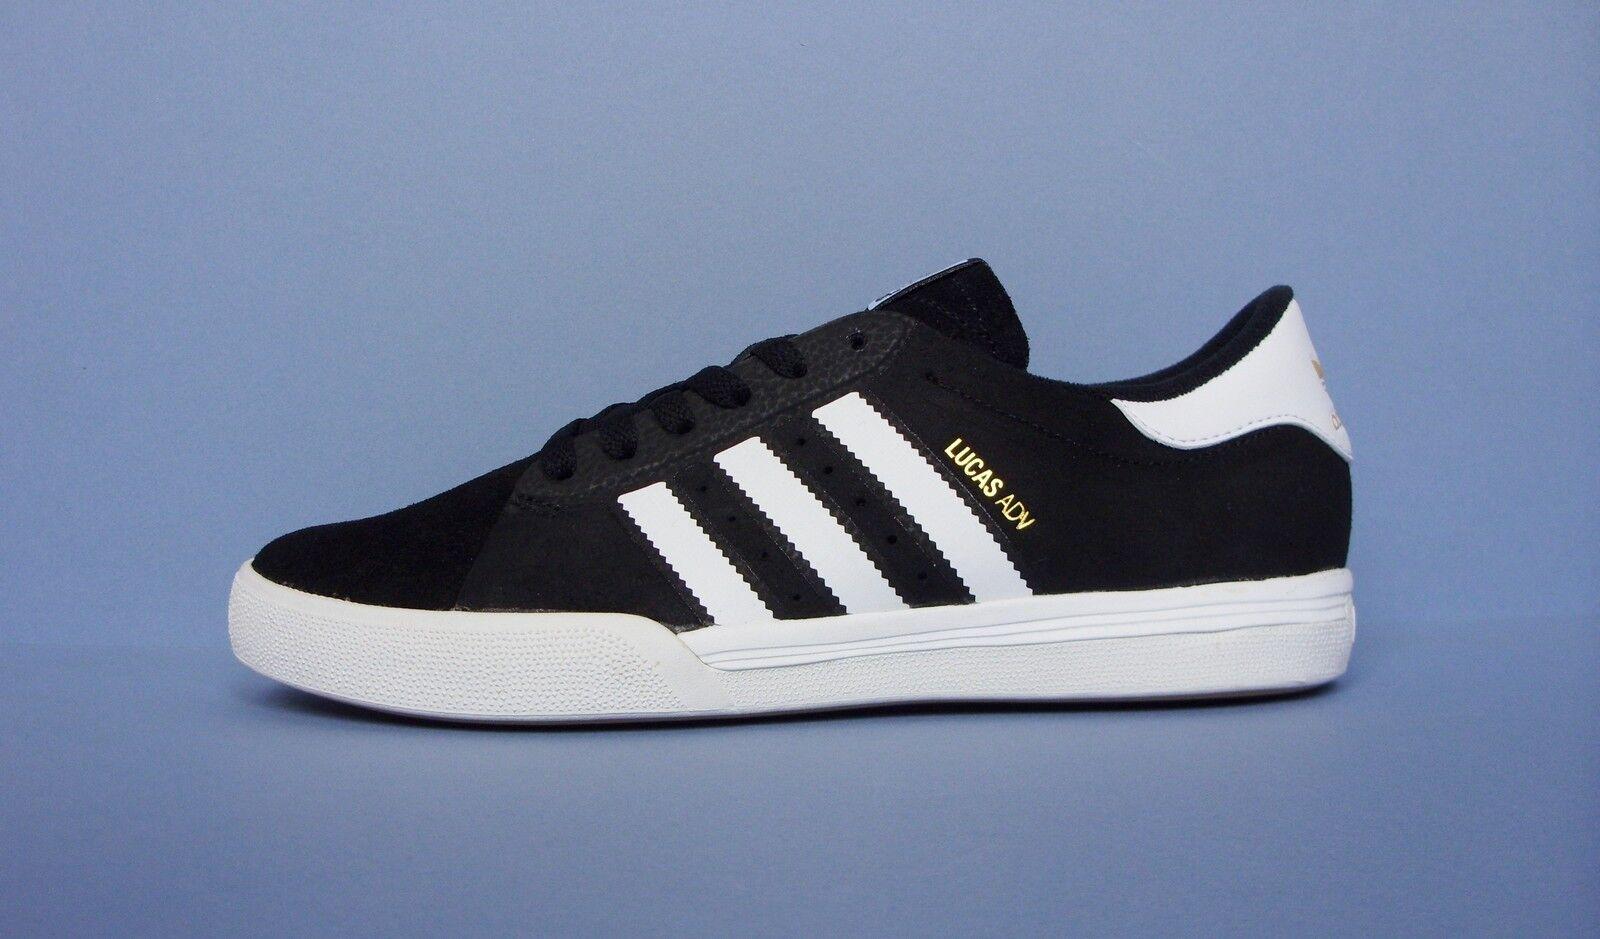 ADIDAS ORIGINALS LUCAS Adv Da Uomo Sport Skate Shoes nero taglia